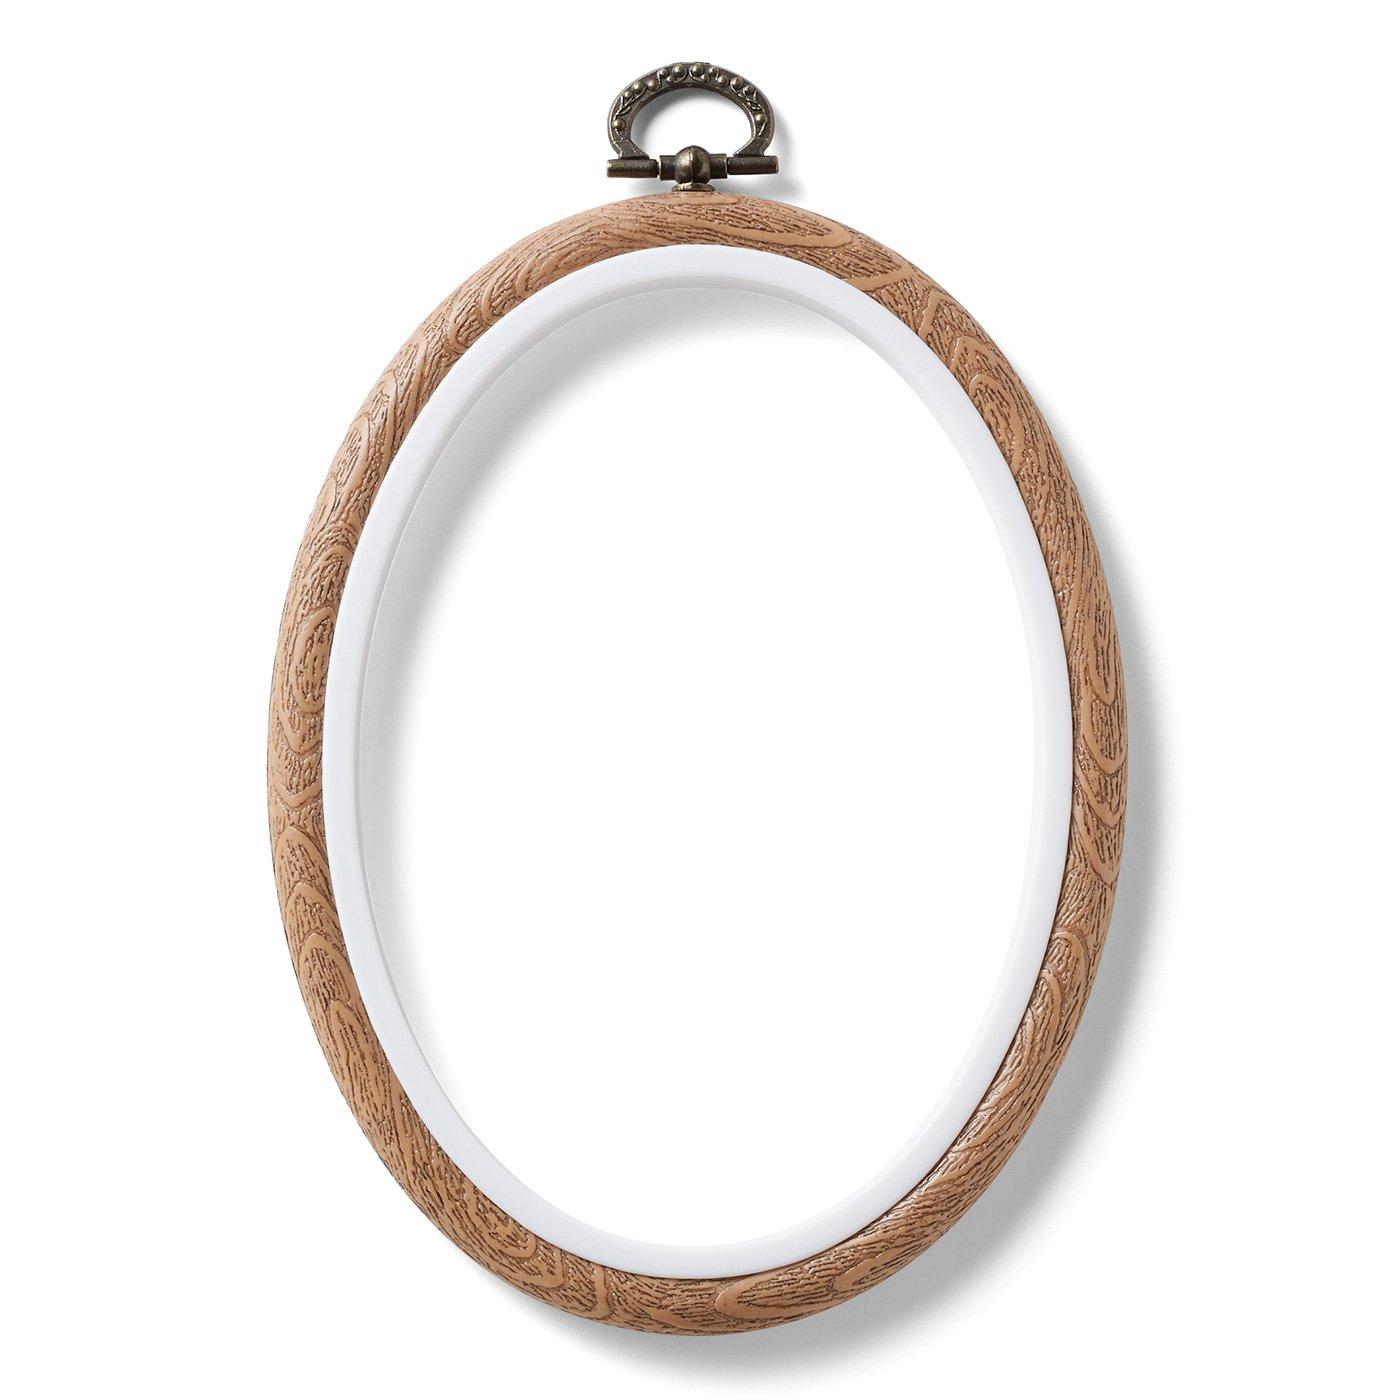 作品が映える木目調のフレーム〈楕円形〉